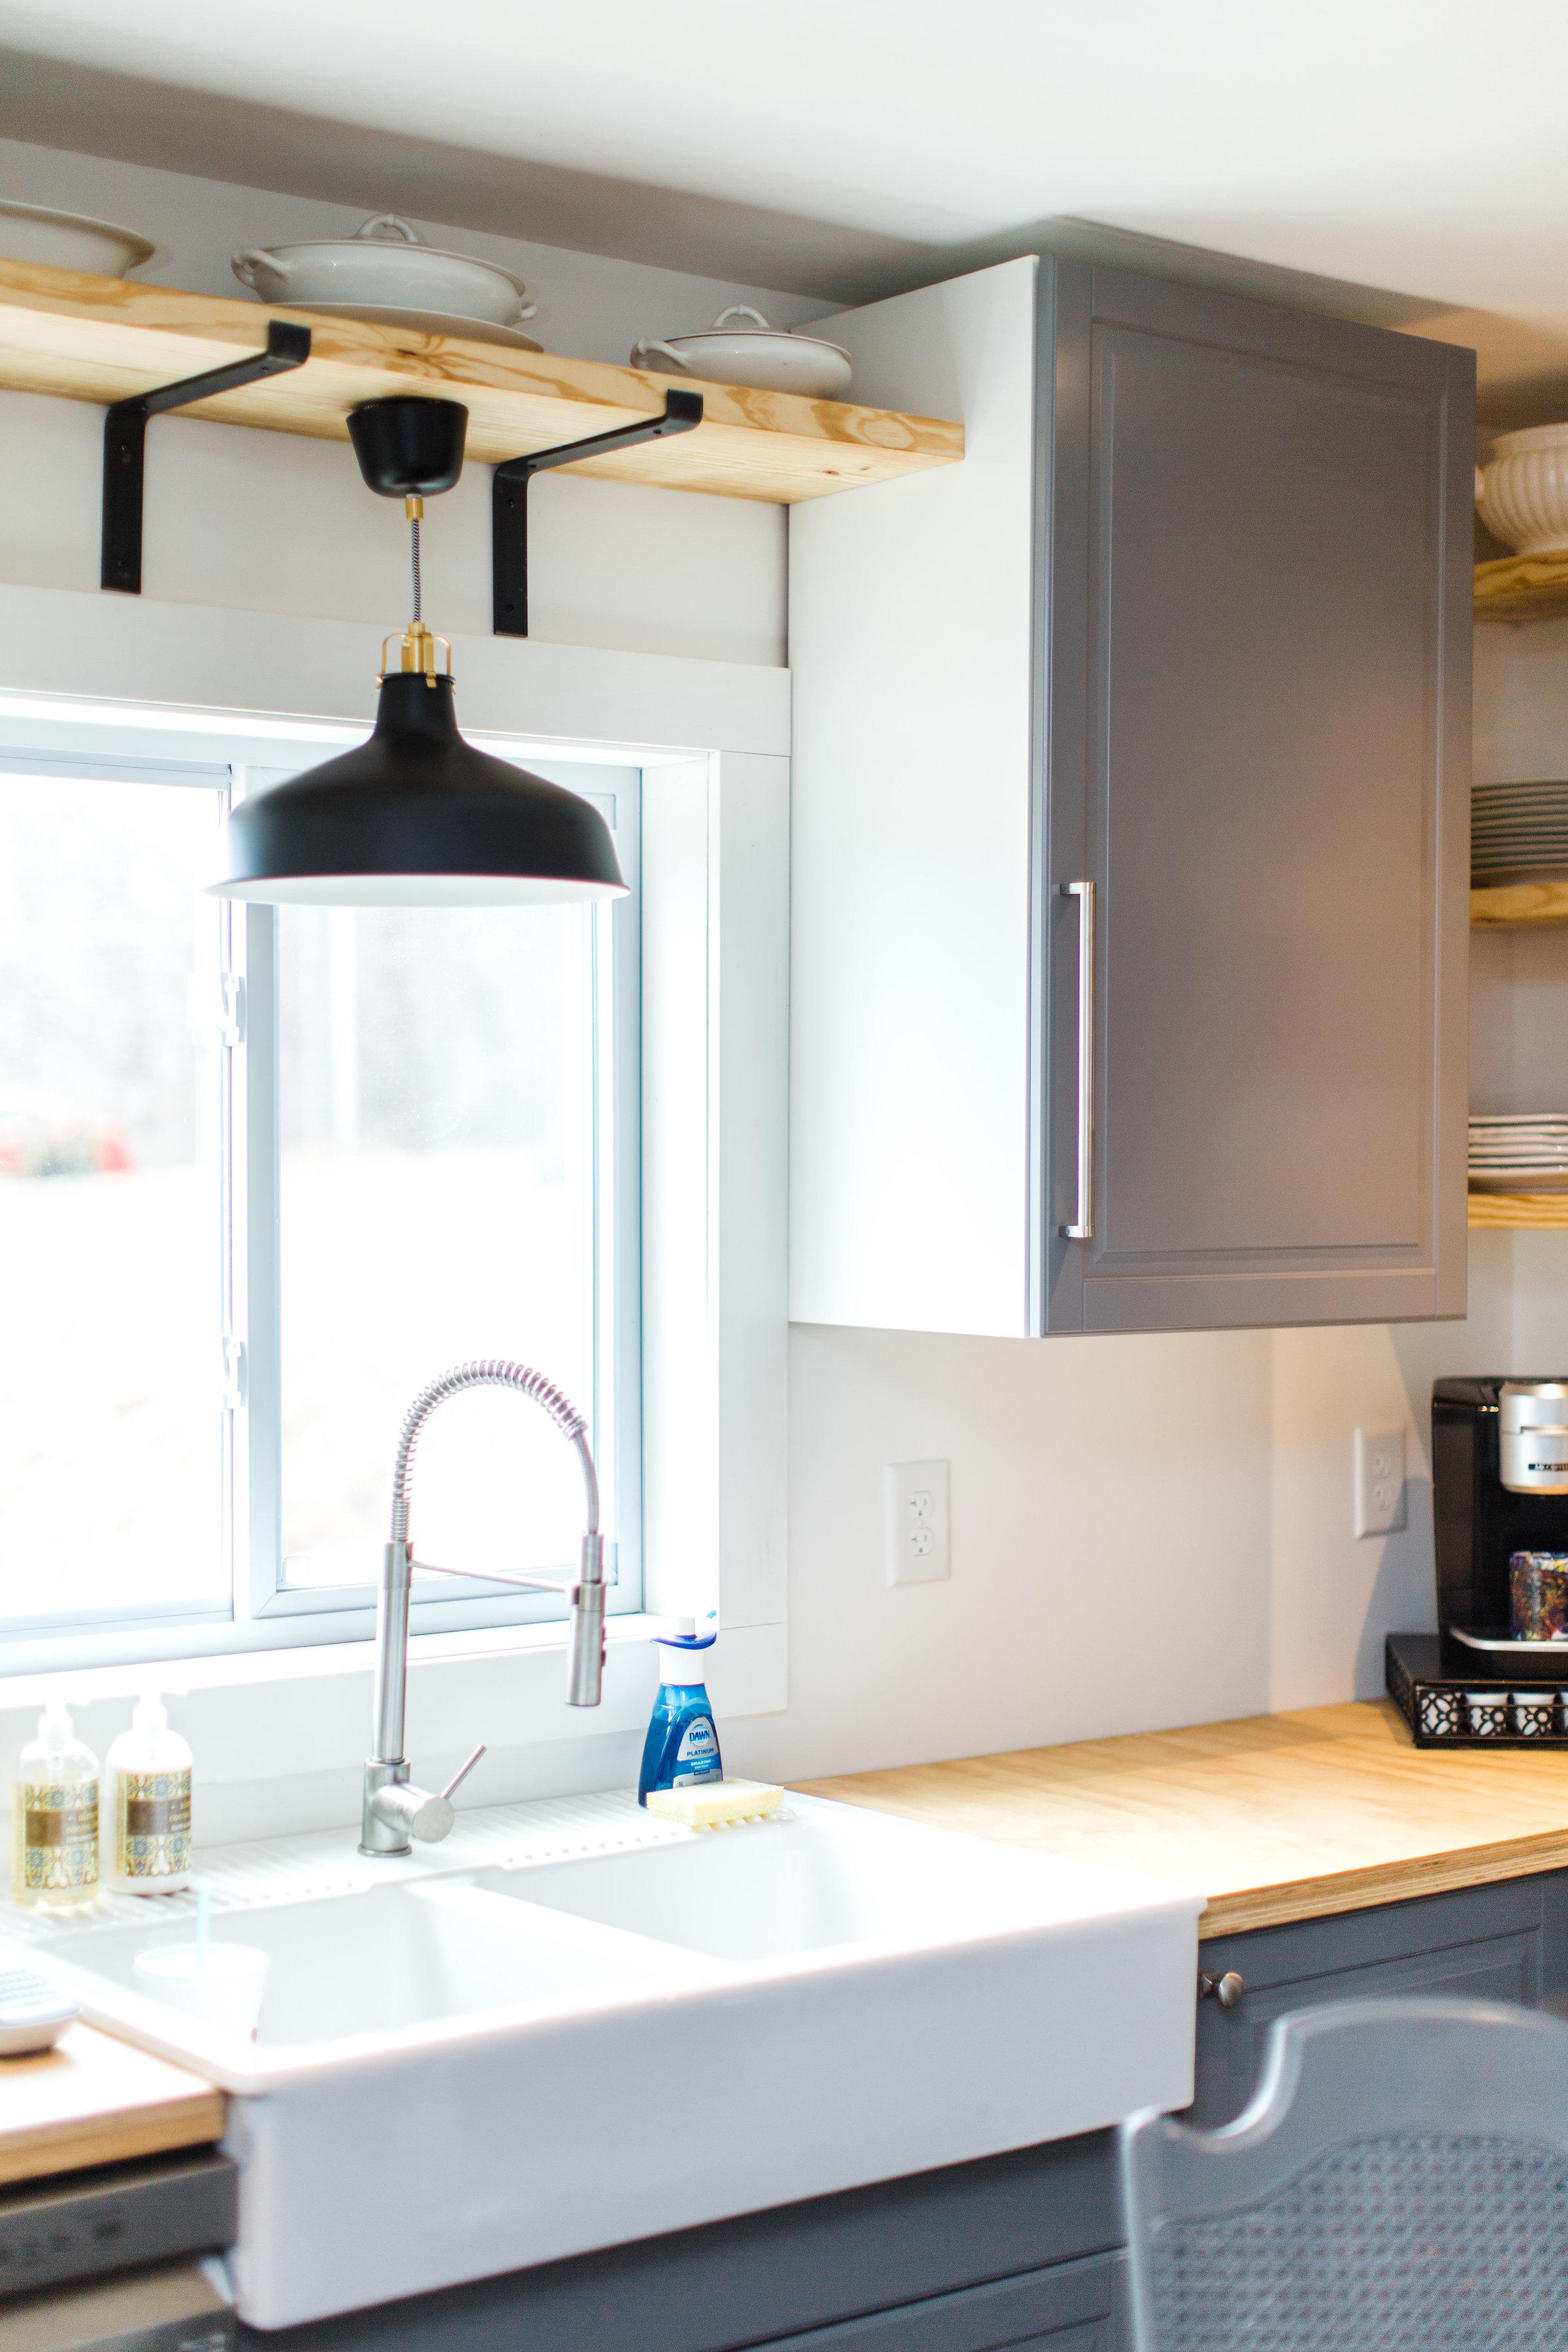 Houzz Kitchen Sink Close Up.jpg